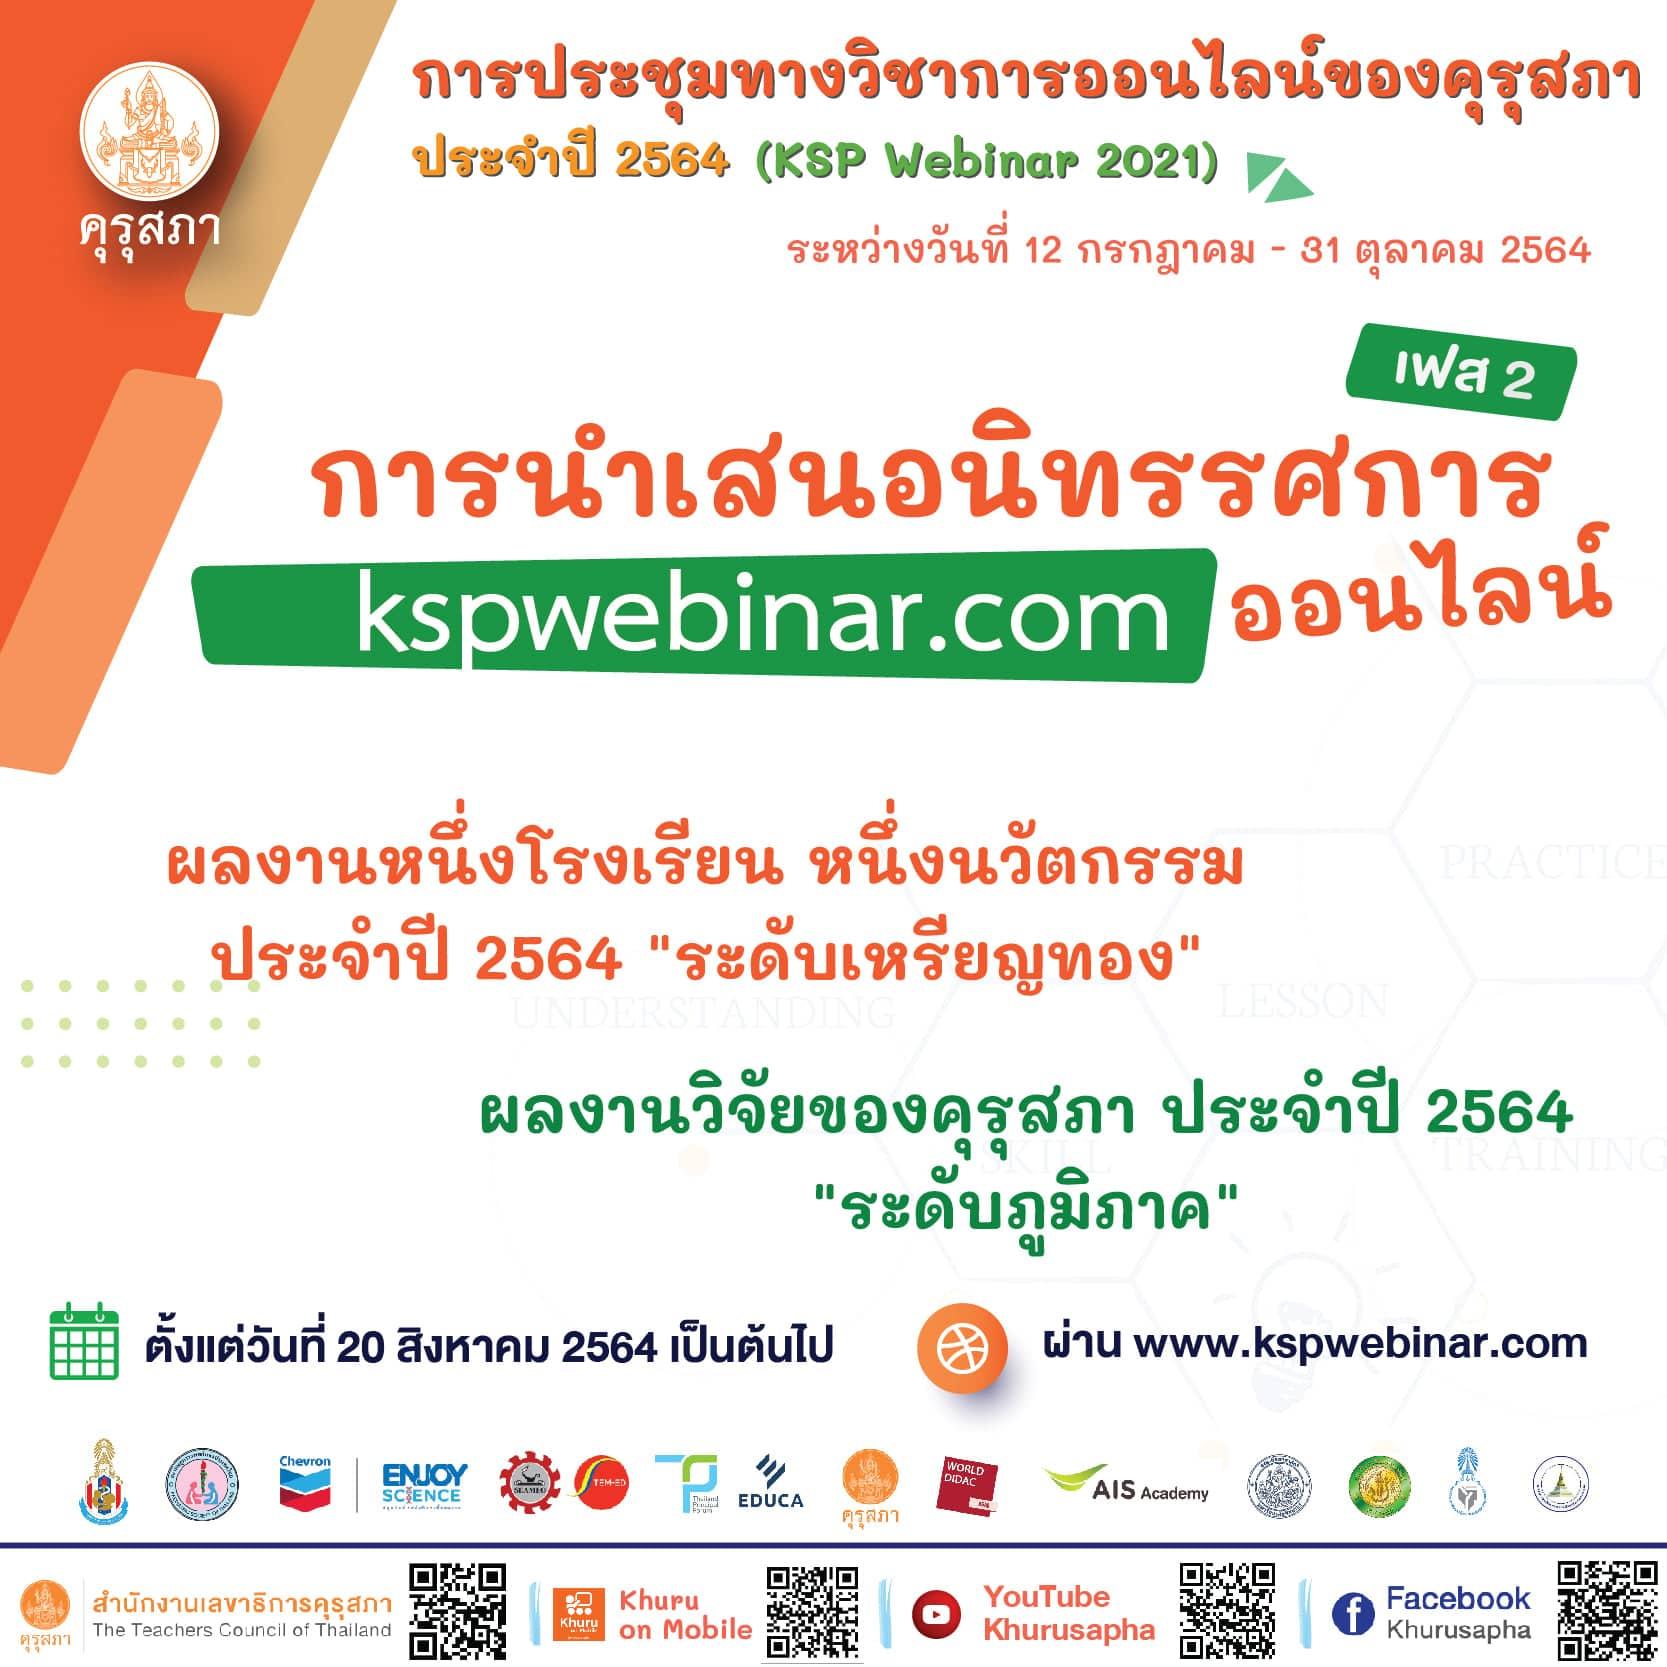 คุรุสภาเชิญชมการนำเสนอนิทรรศการออนไลน์ ผลงานหนึ่งโรงเรียน หนึ่งนวัตกรรม  ในงานการประชุมทางวิชาการออนไลน์ของคุรุสภา ประจำปี 2564 (KSP Webinar 2021) ตั้งแต่วันที่ 20 สิงหาาคม 2564 เป็นต้นไป